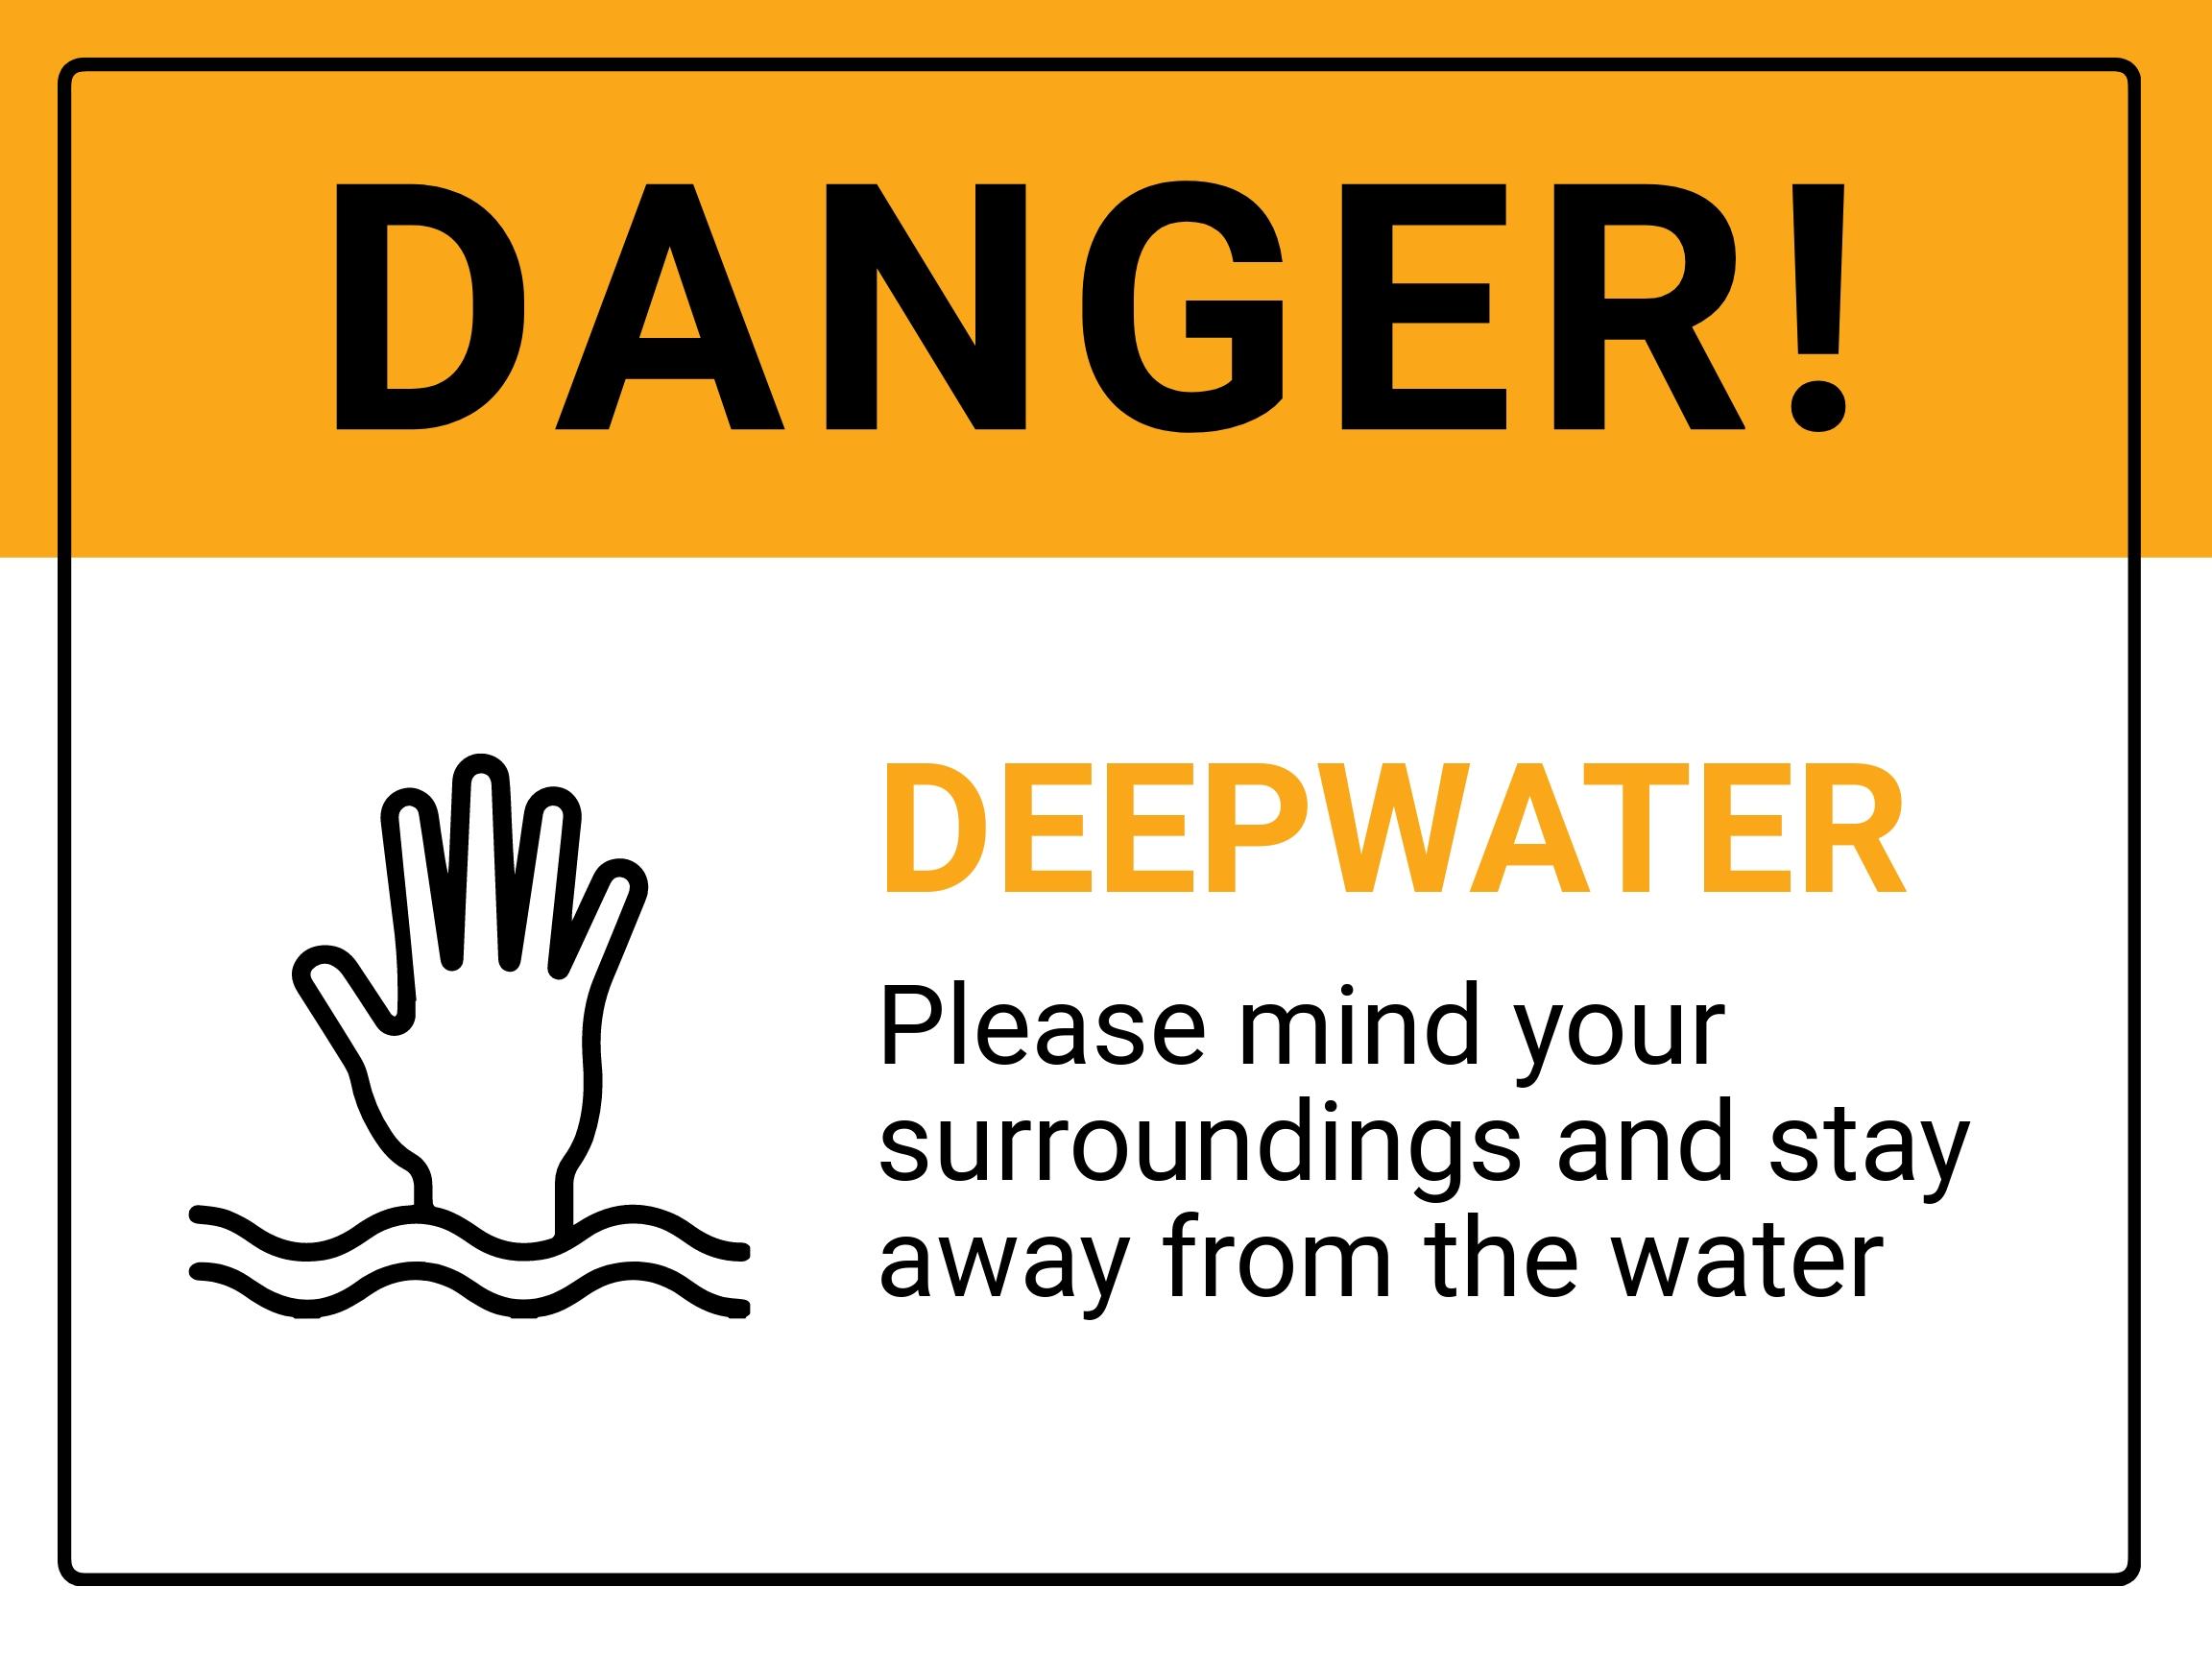 Danger Deep Water Sign Template